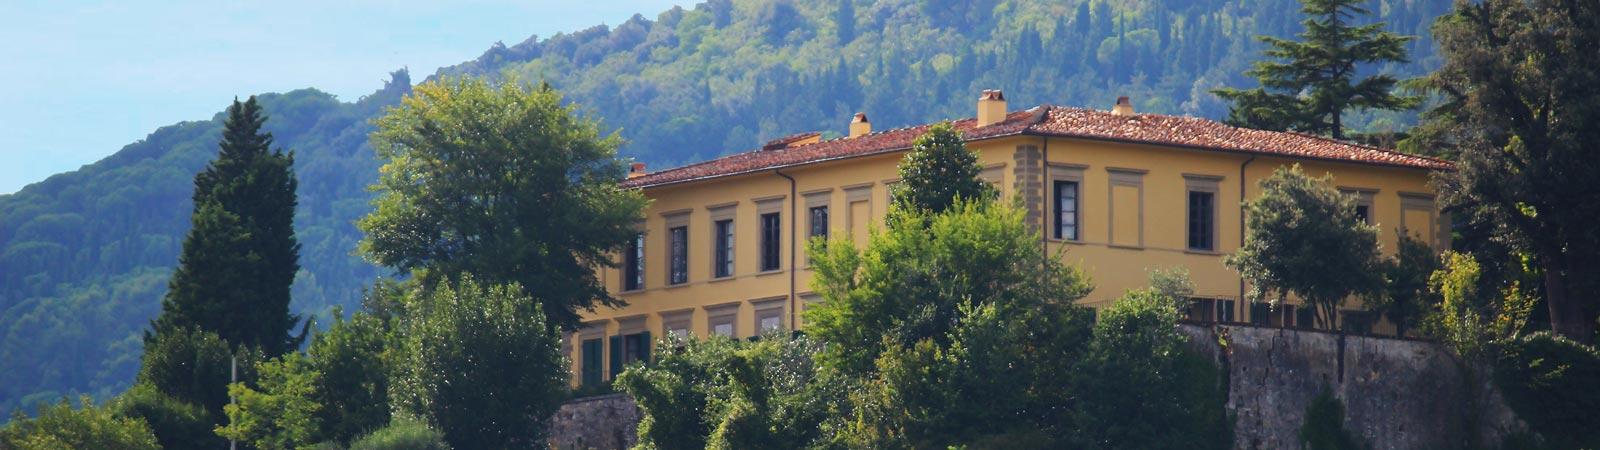 Villa-delle-Suore-Adoratrici1